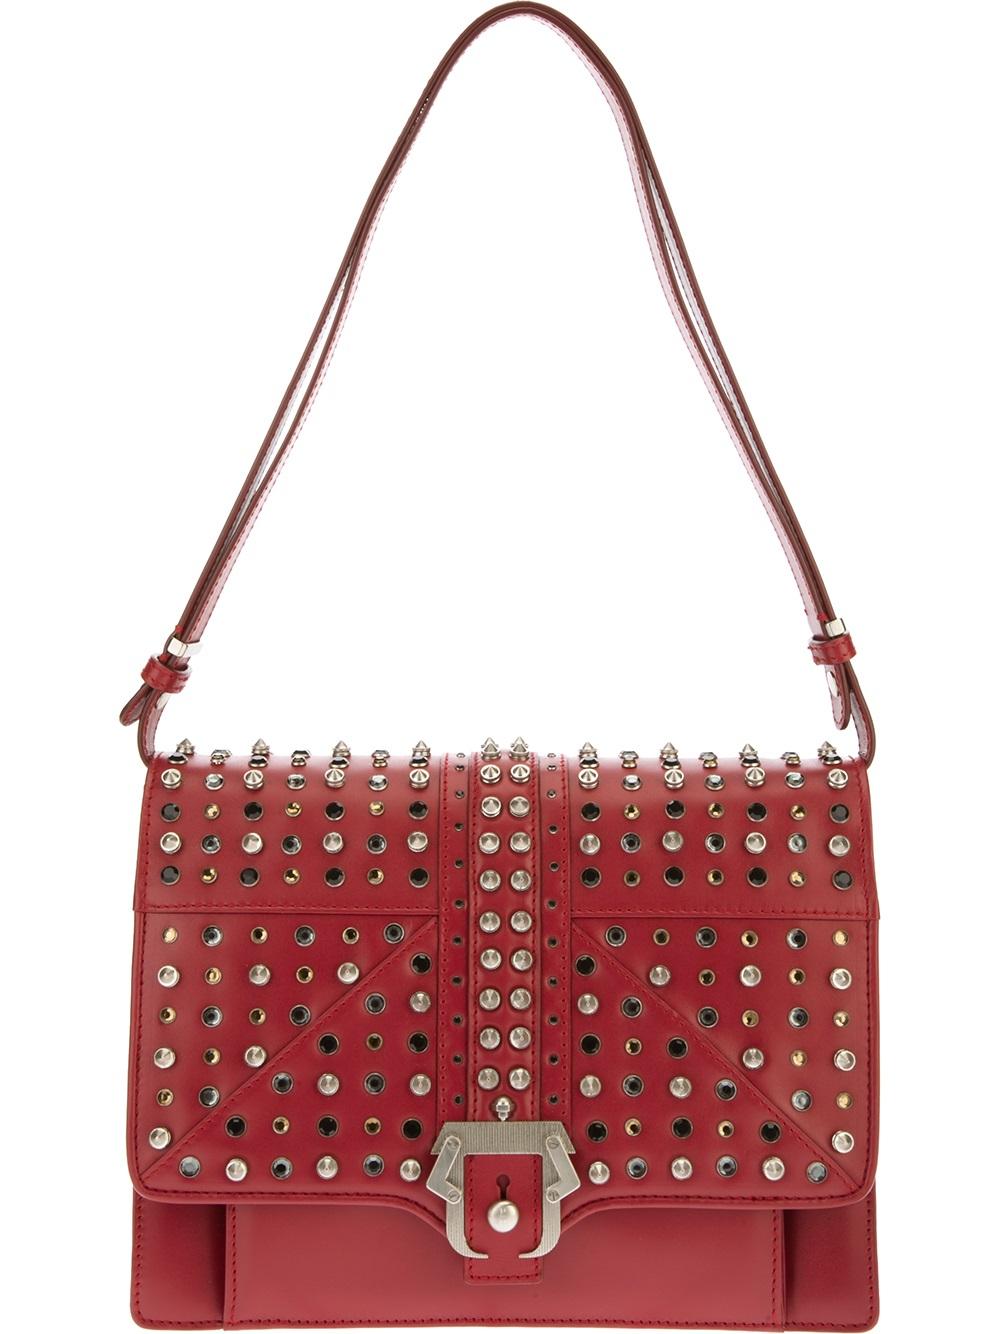 Paula cademartori Caroline Studded Handbag in Red | Lyst